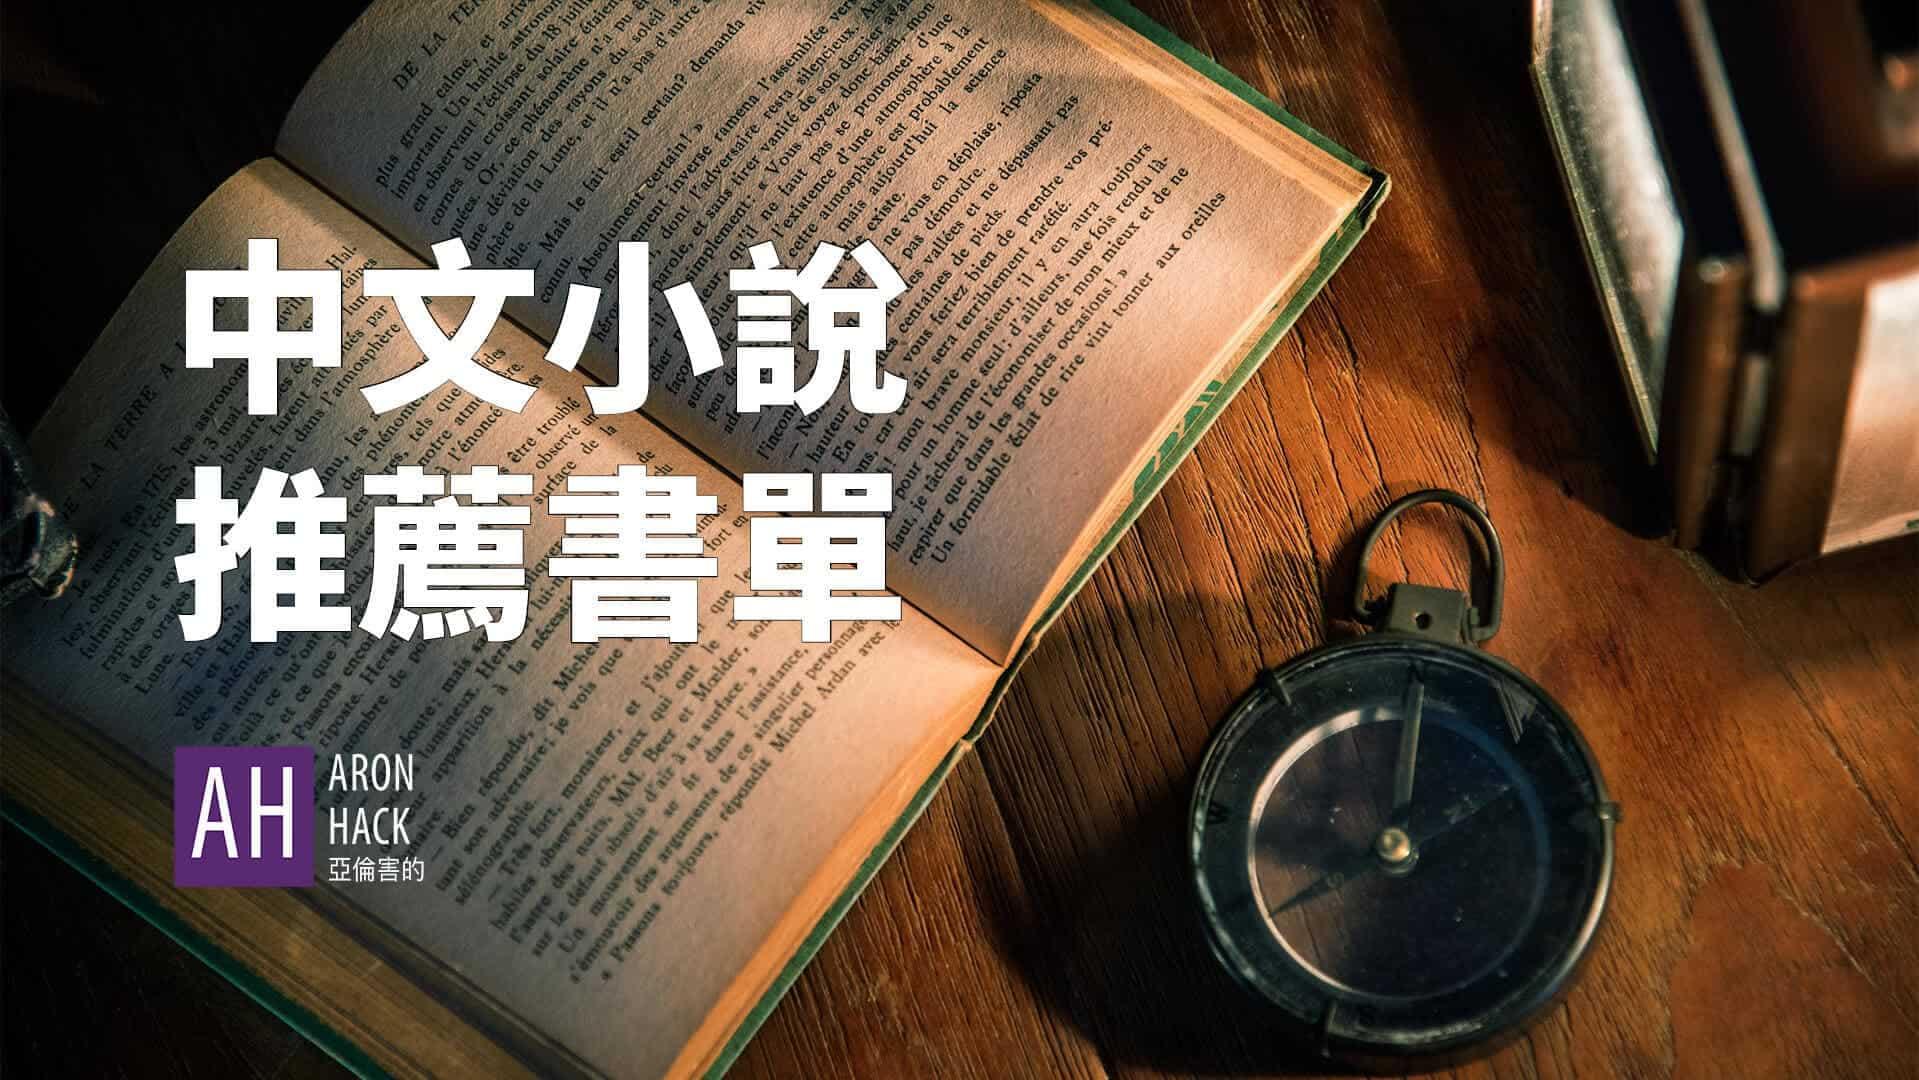 中文小說 推薦書單